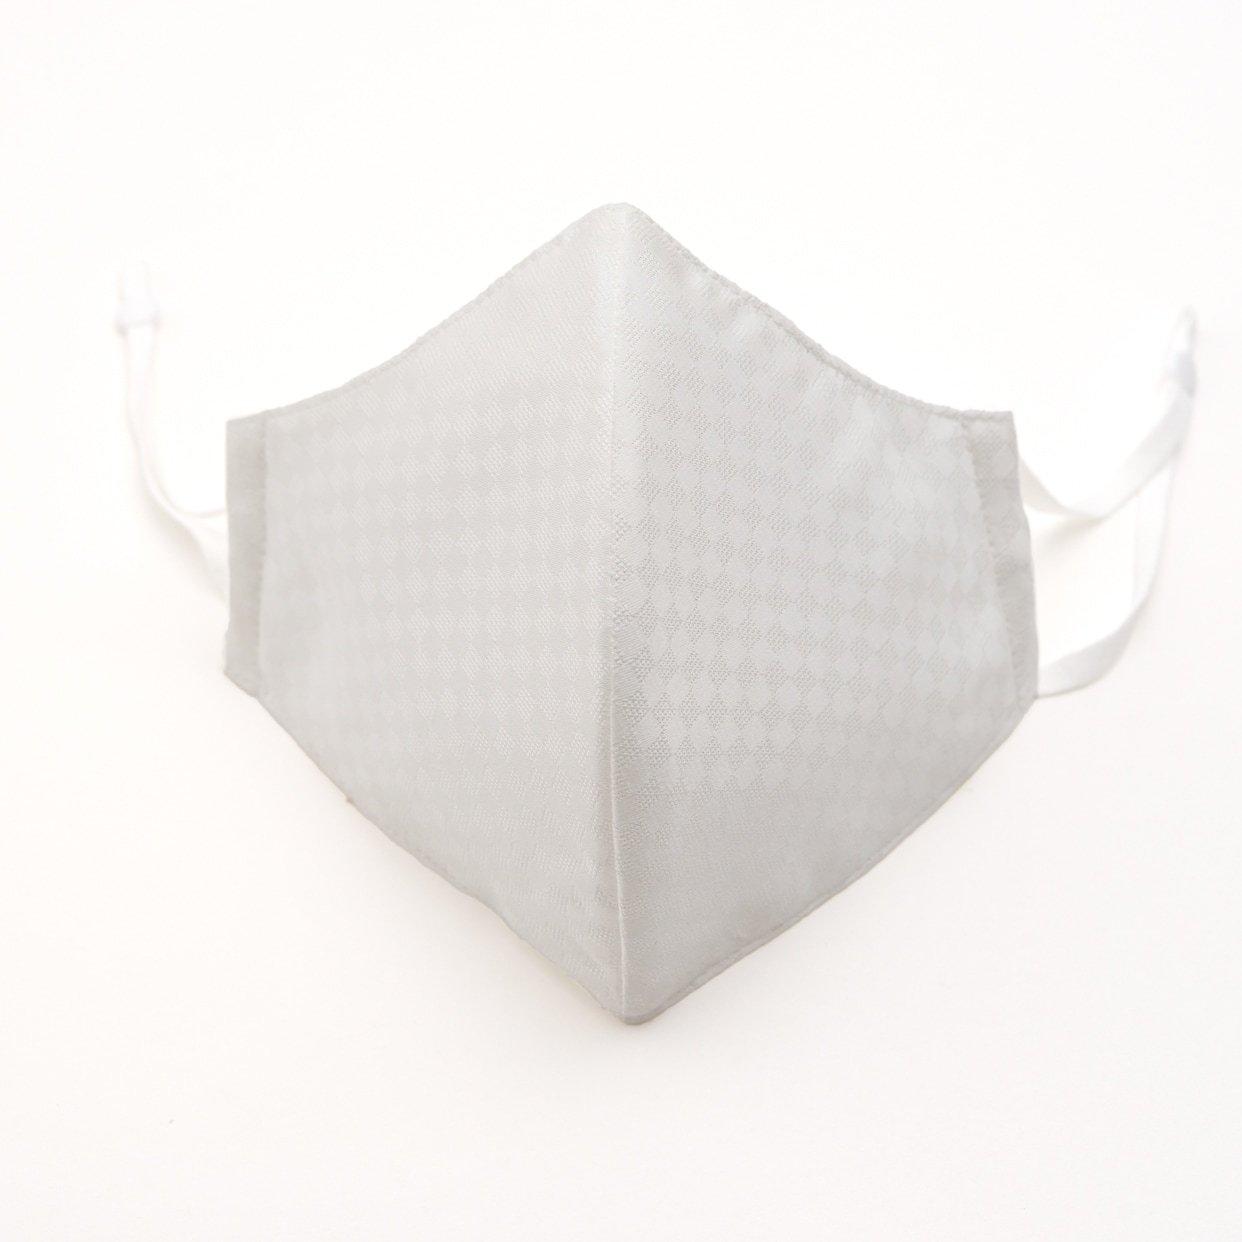 「立体 白 IRODORI SILK MASK 絹マスク 小杉織」の商品画像